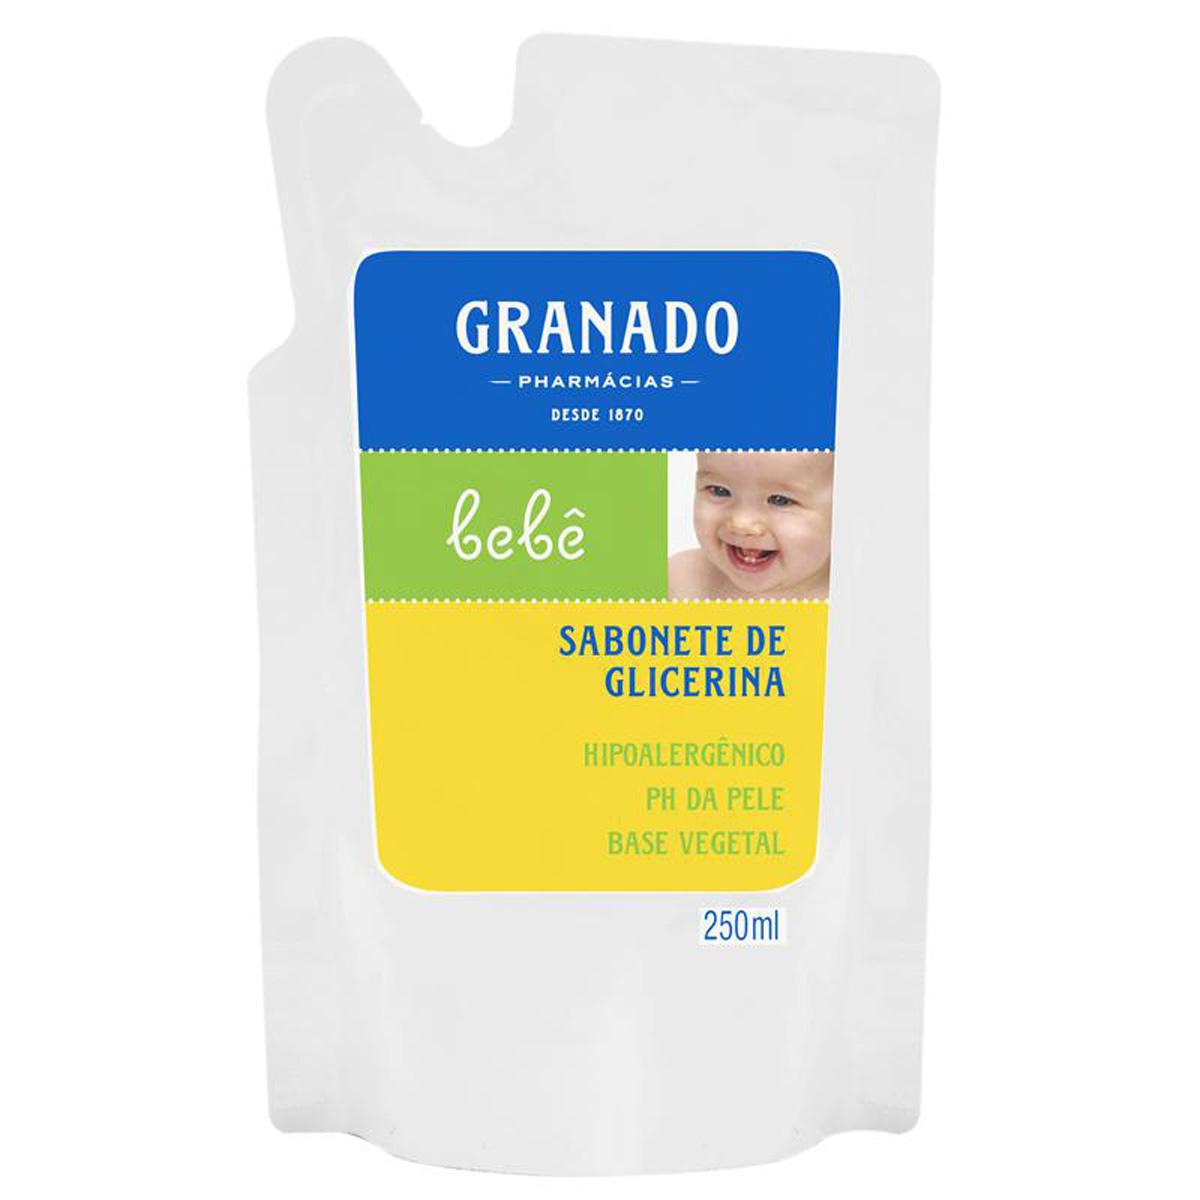 Refil Sabonete Líquido Granado Bebê Tradicional com 250ml 250ml